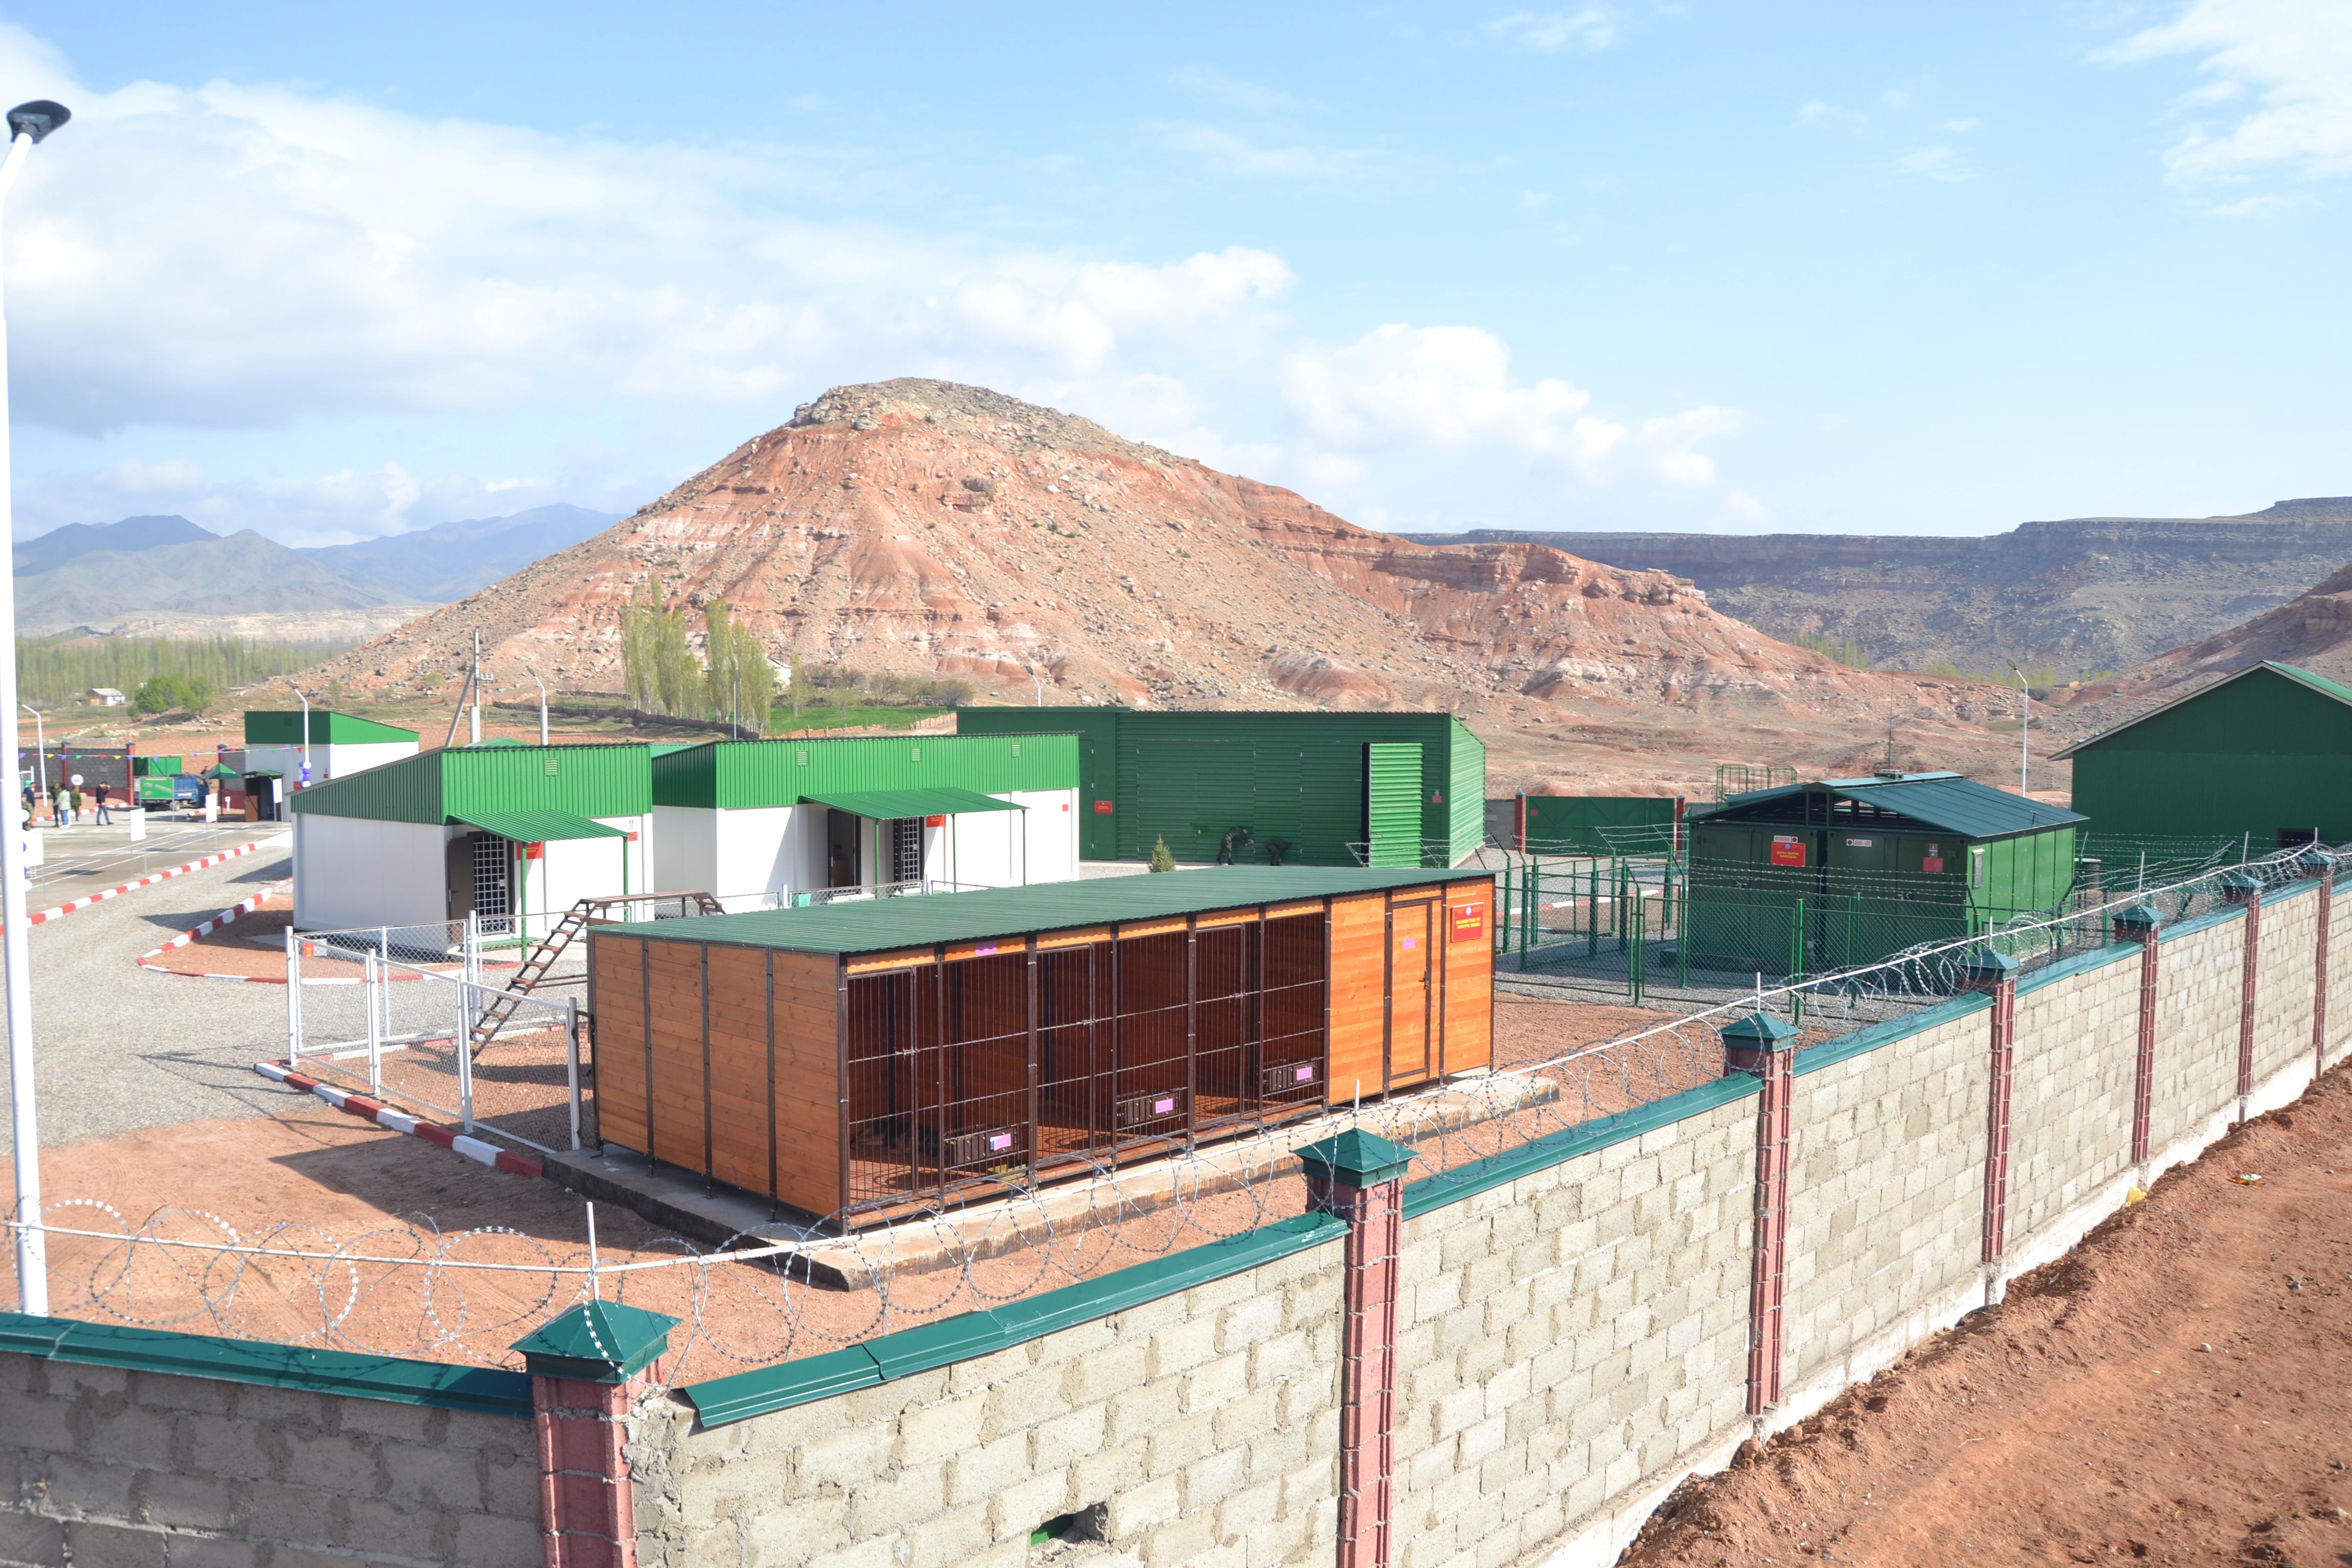 Россия за свой счет создала 11 погранзастав на границе Кыргызстана  с Узбекистаном и Китаем. Зачем?